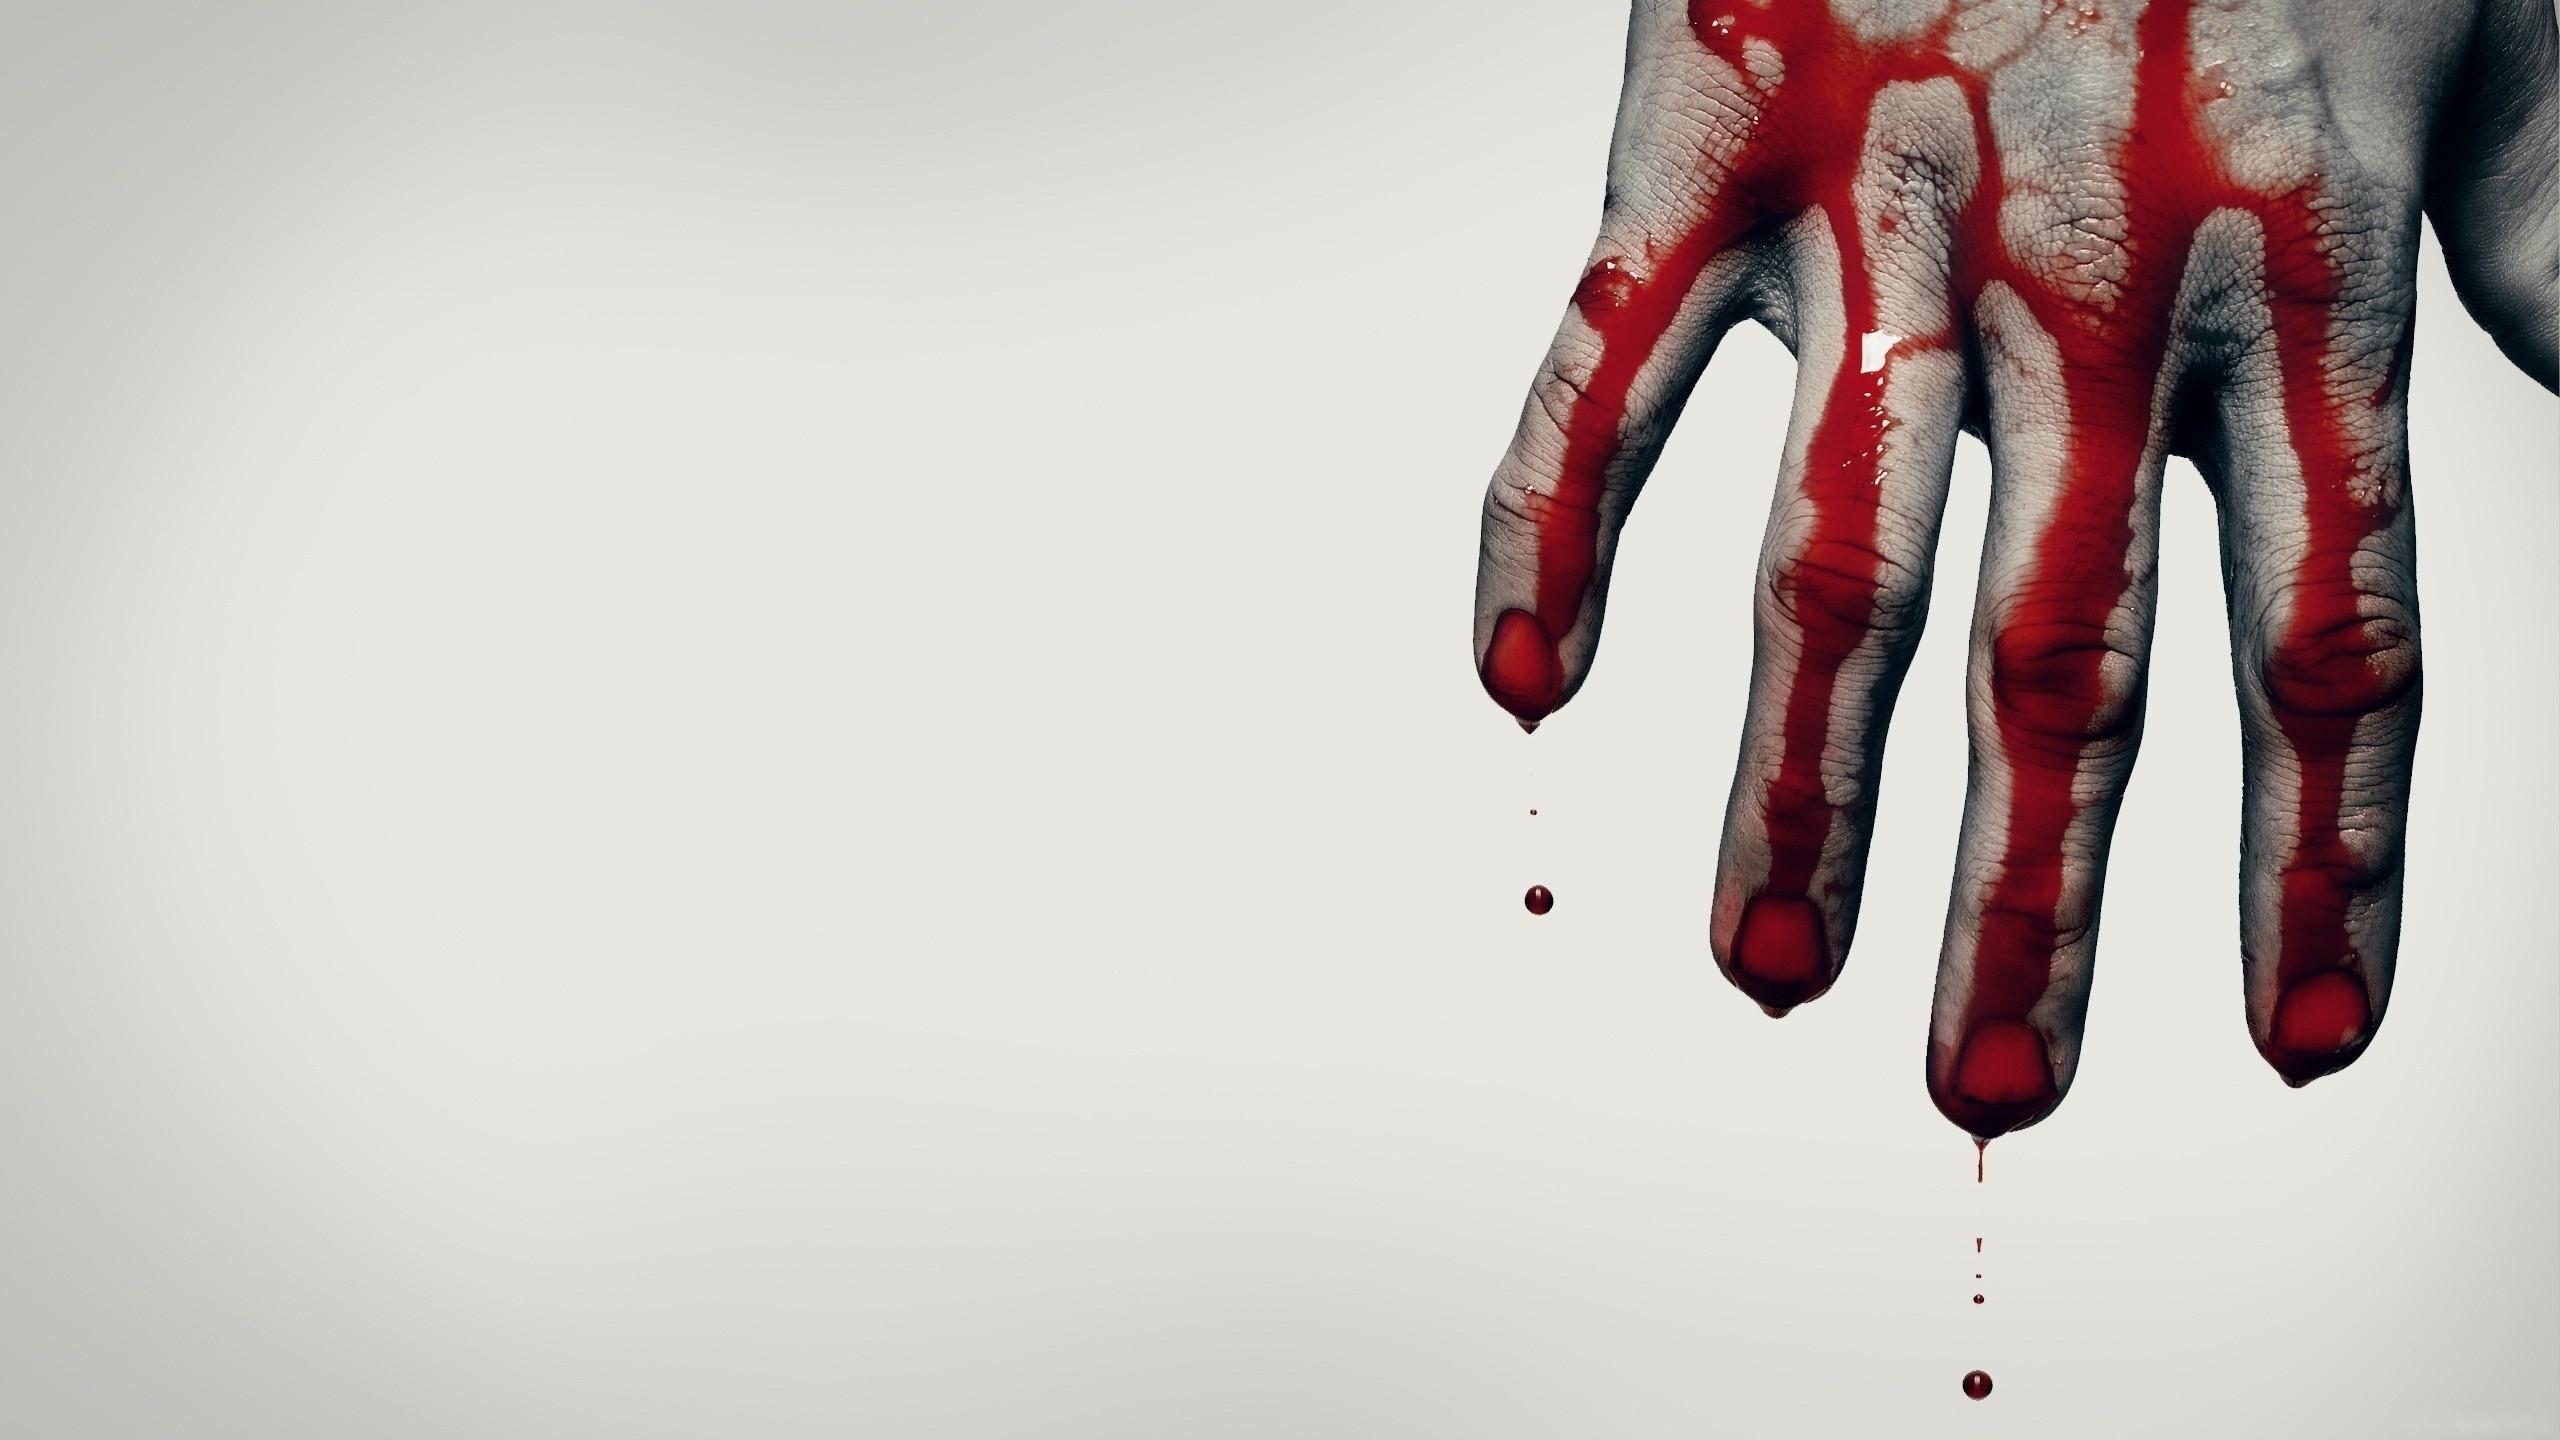 обои кровавые на рабочий стол этом